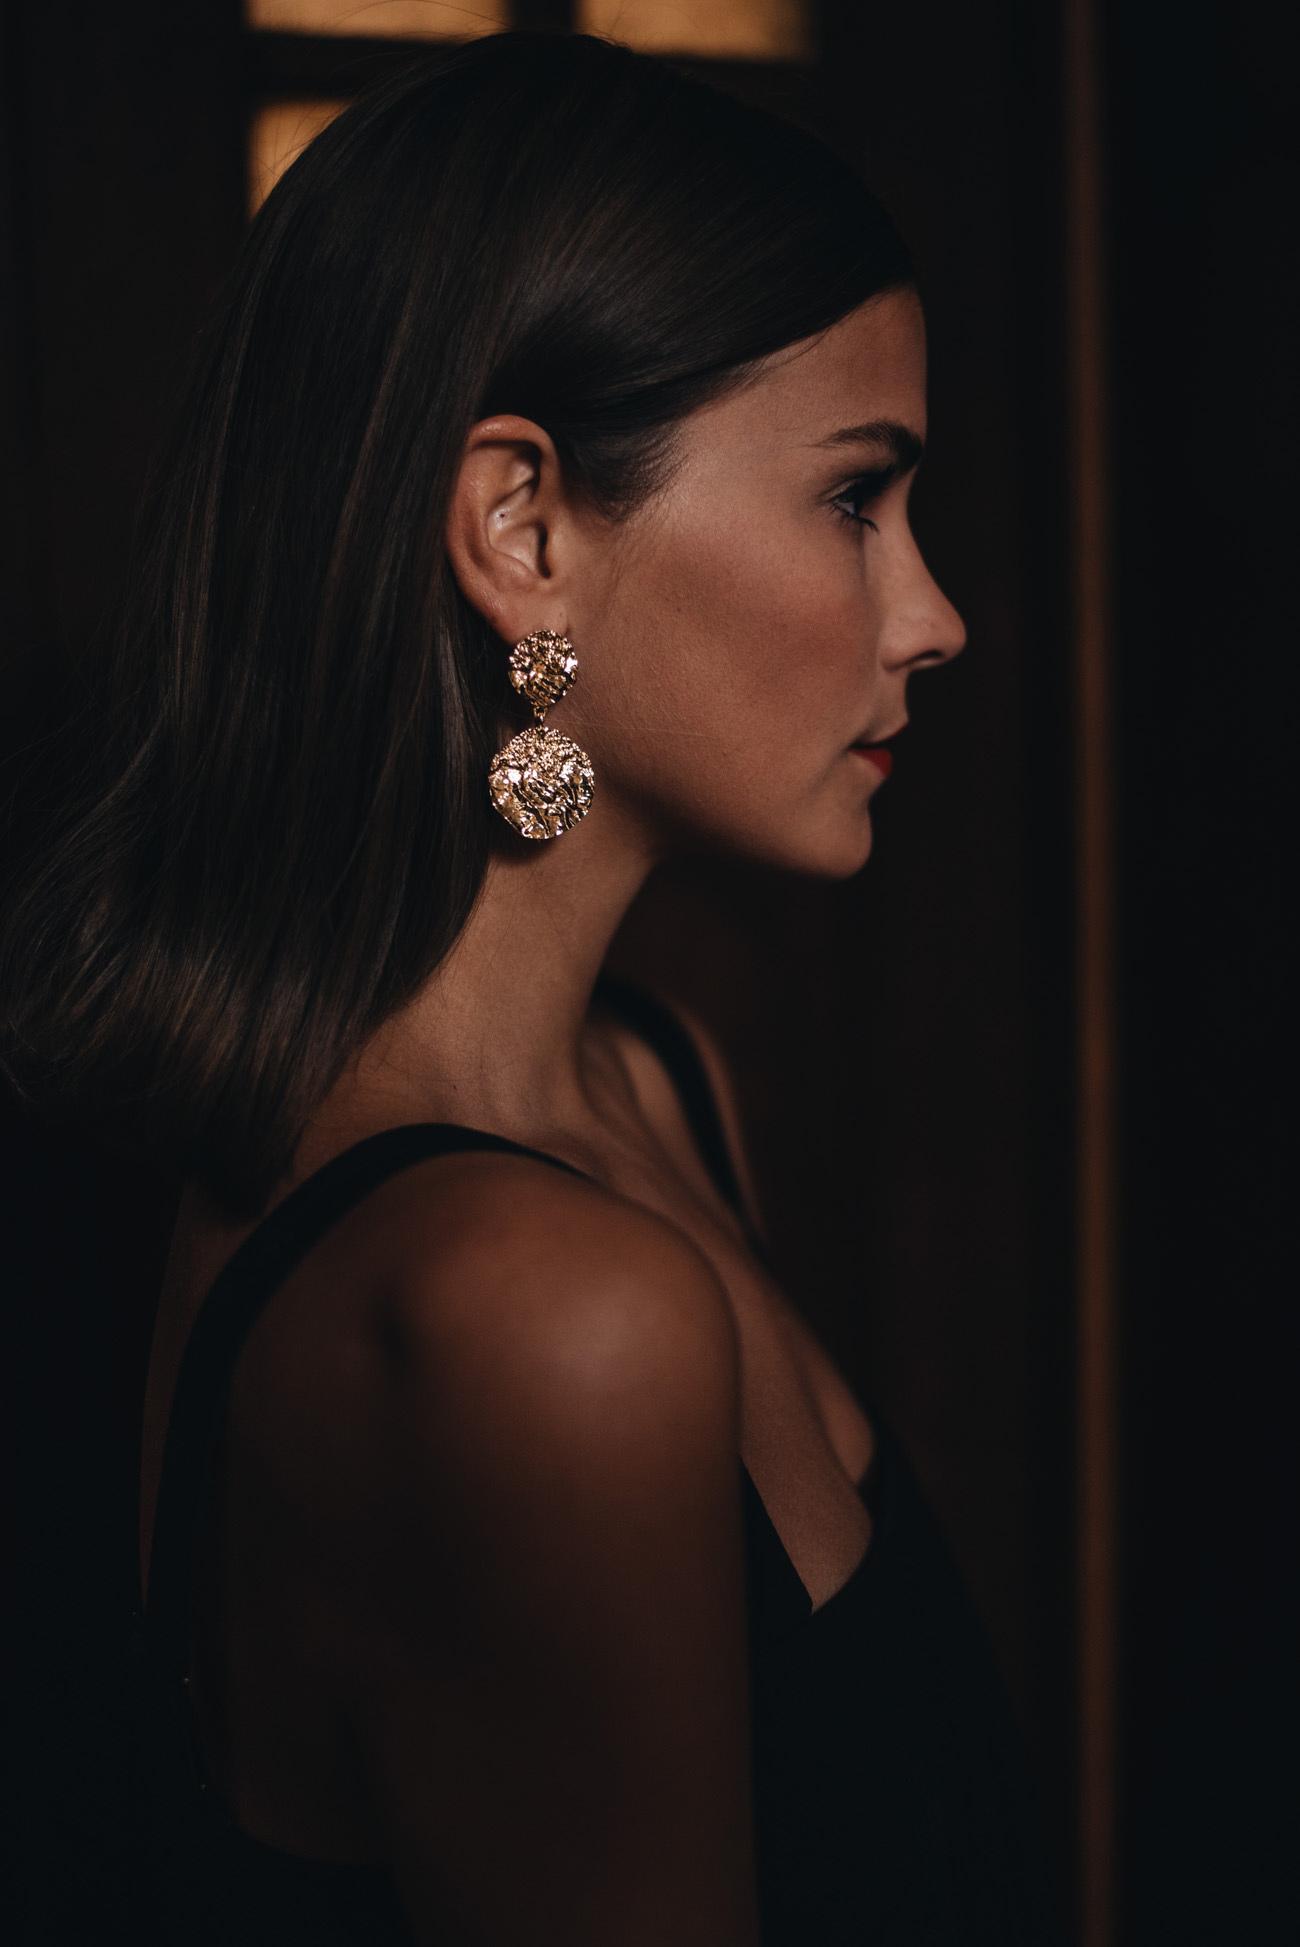 abend-make-up-Dior-Hypnotic-Poison-Eau-de-Toilette-Eau-de-Toilette-Review-Bericht-Meinung-nina-schwichtenberg-fashiioncarpet